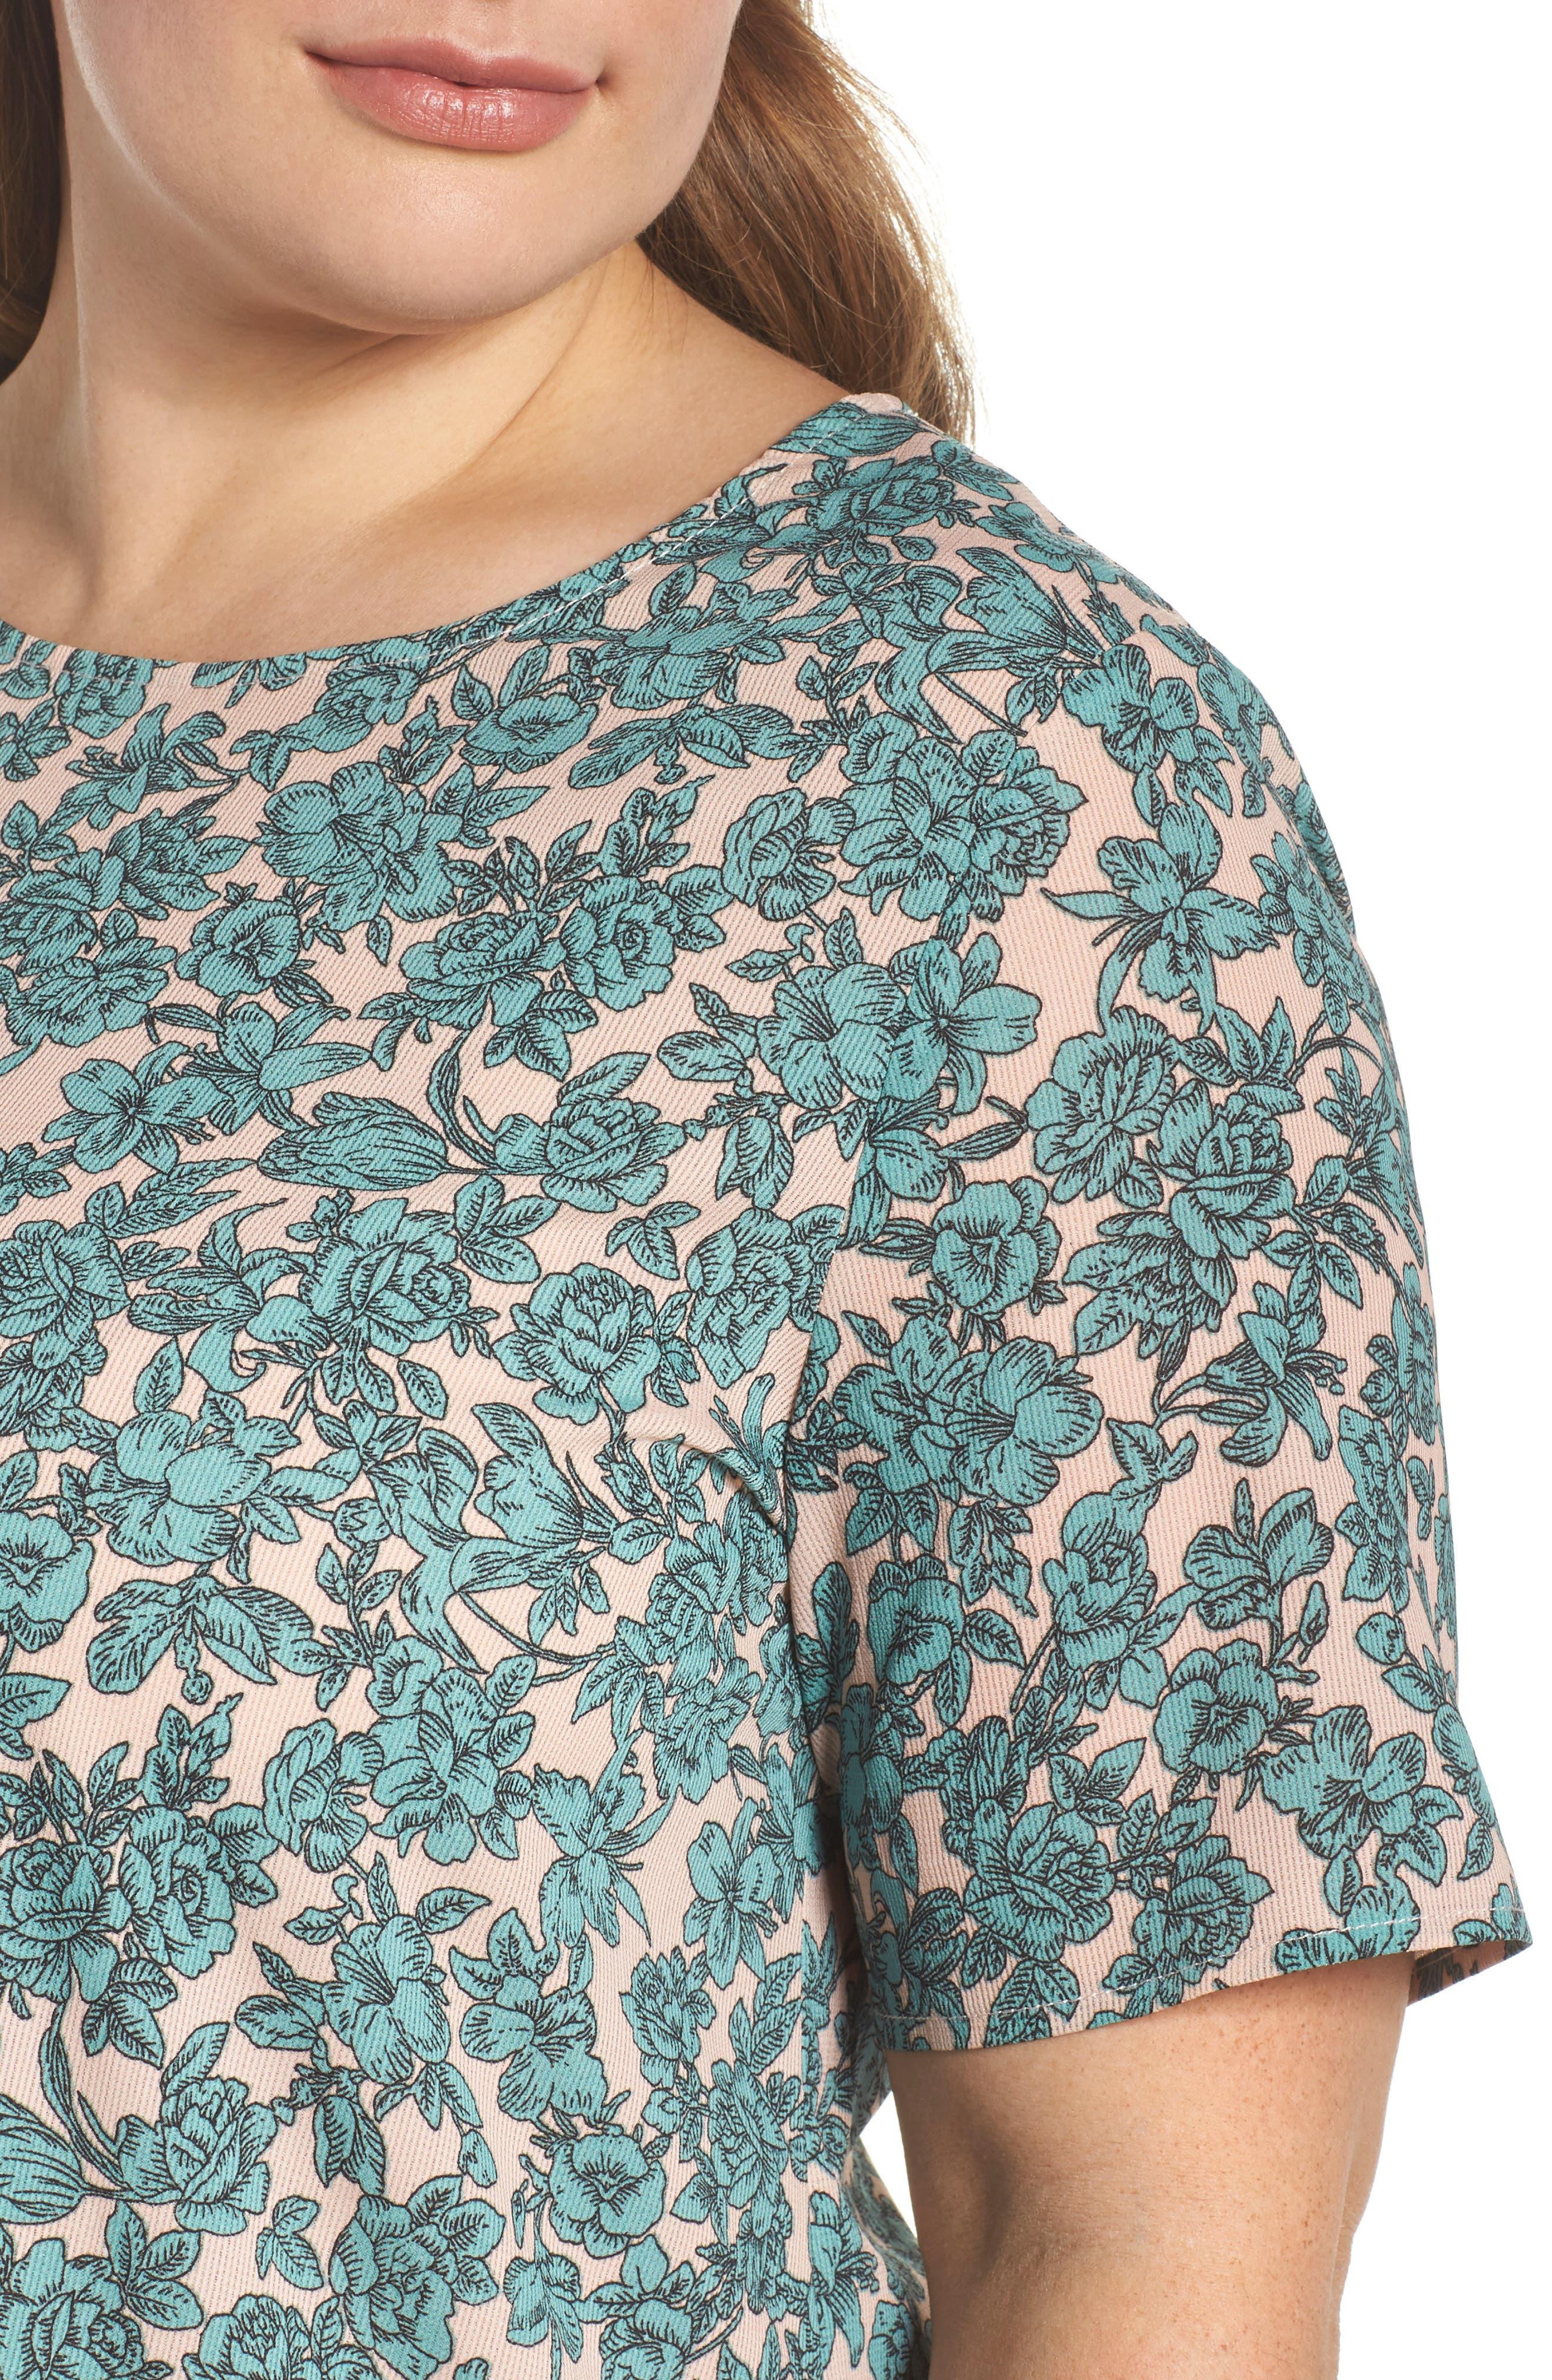 Floral Shift Dress,                             Alternate thumbnail 4, color,                             Sage Green Floral